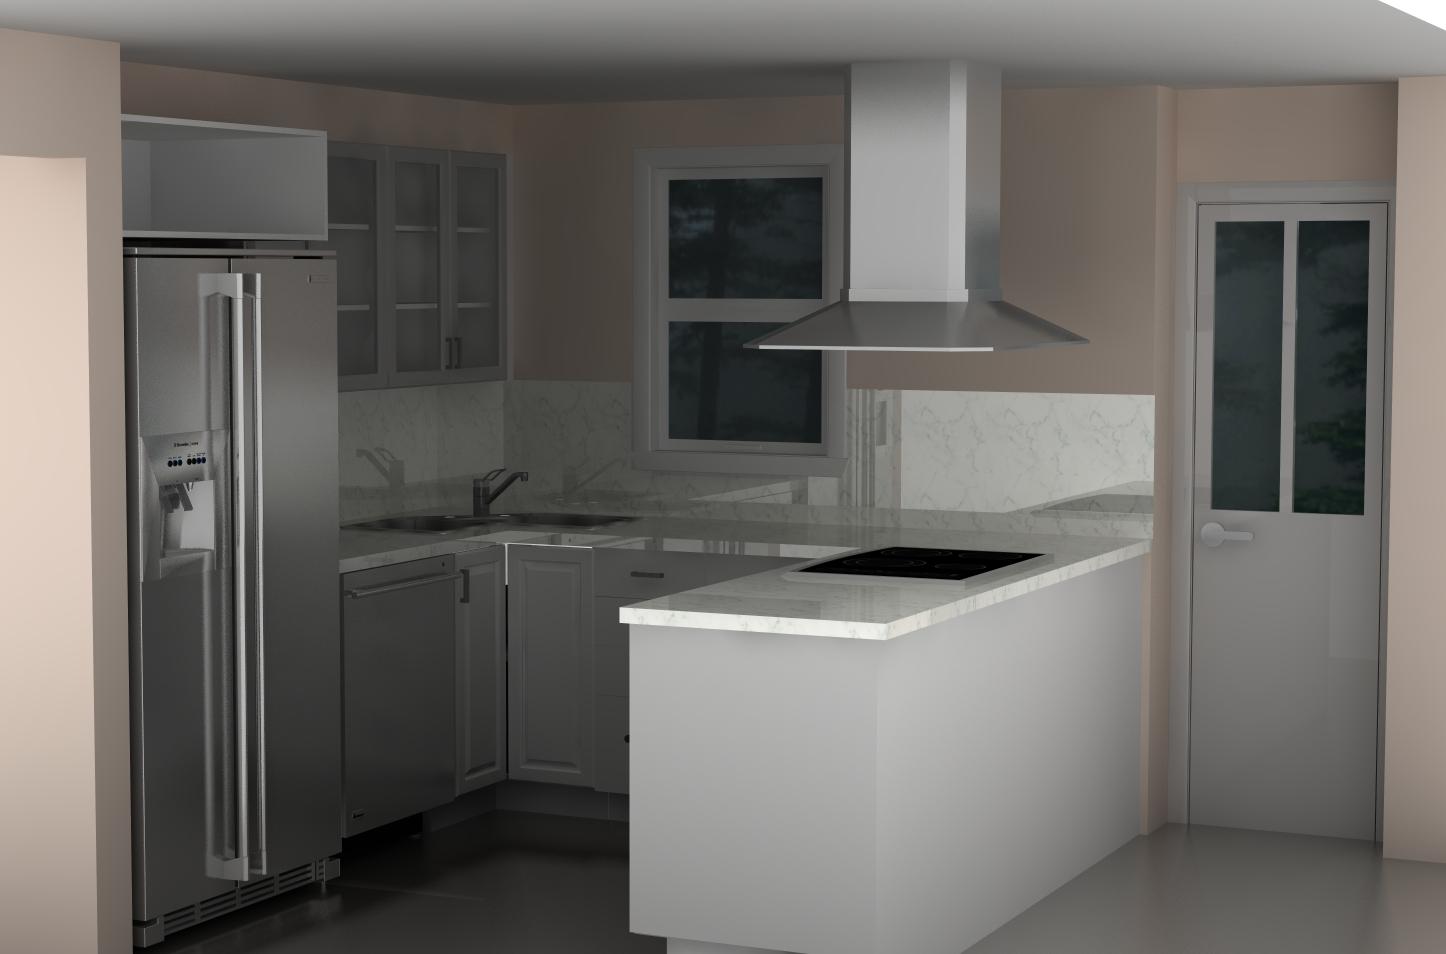 ikea kitchen designers small kitchens secrets ikea kitchen ideas 2 Five small kitchen ideas from IKEA